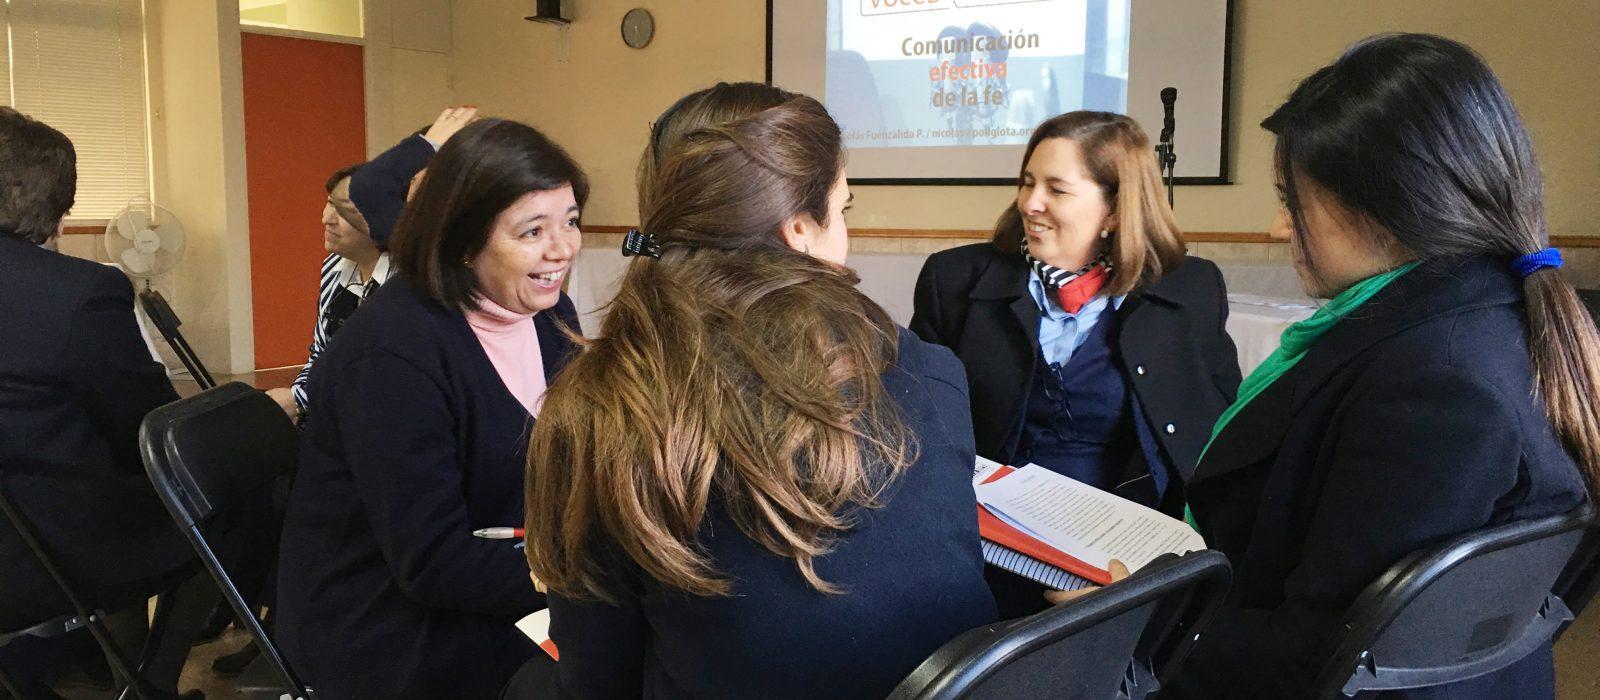 Convivencia entre padres y docentes, una labor compartida